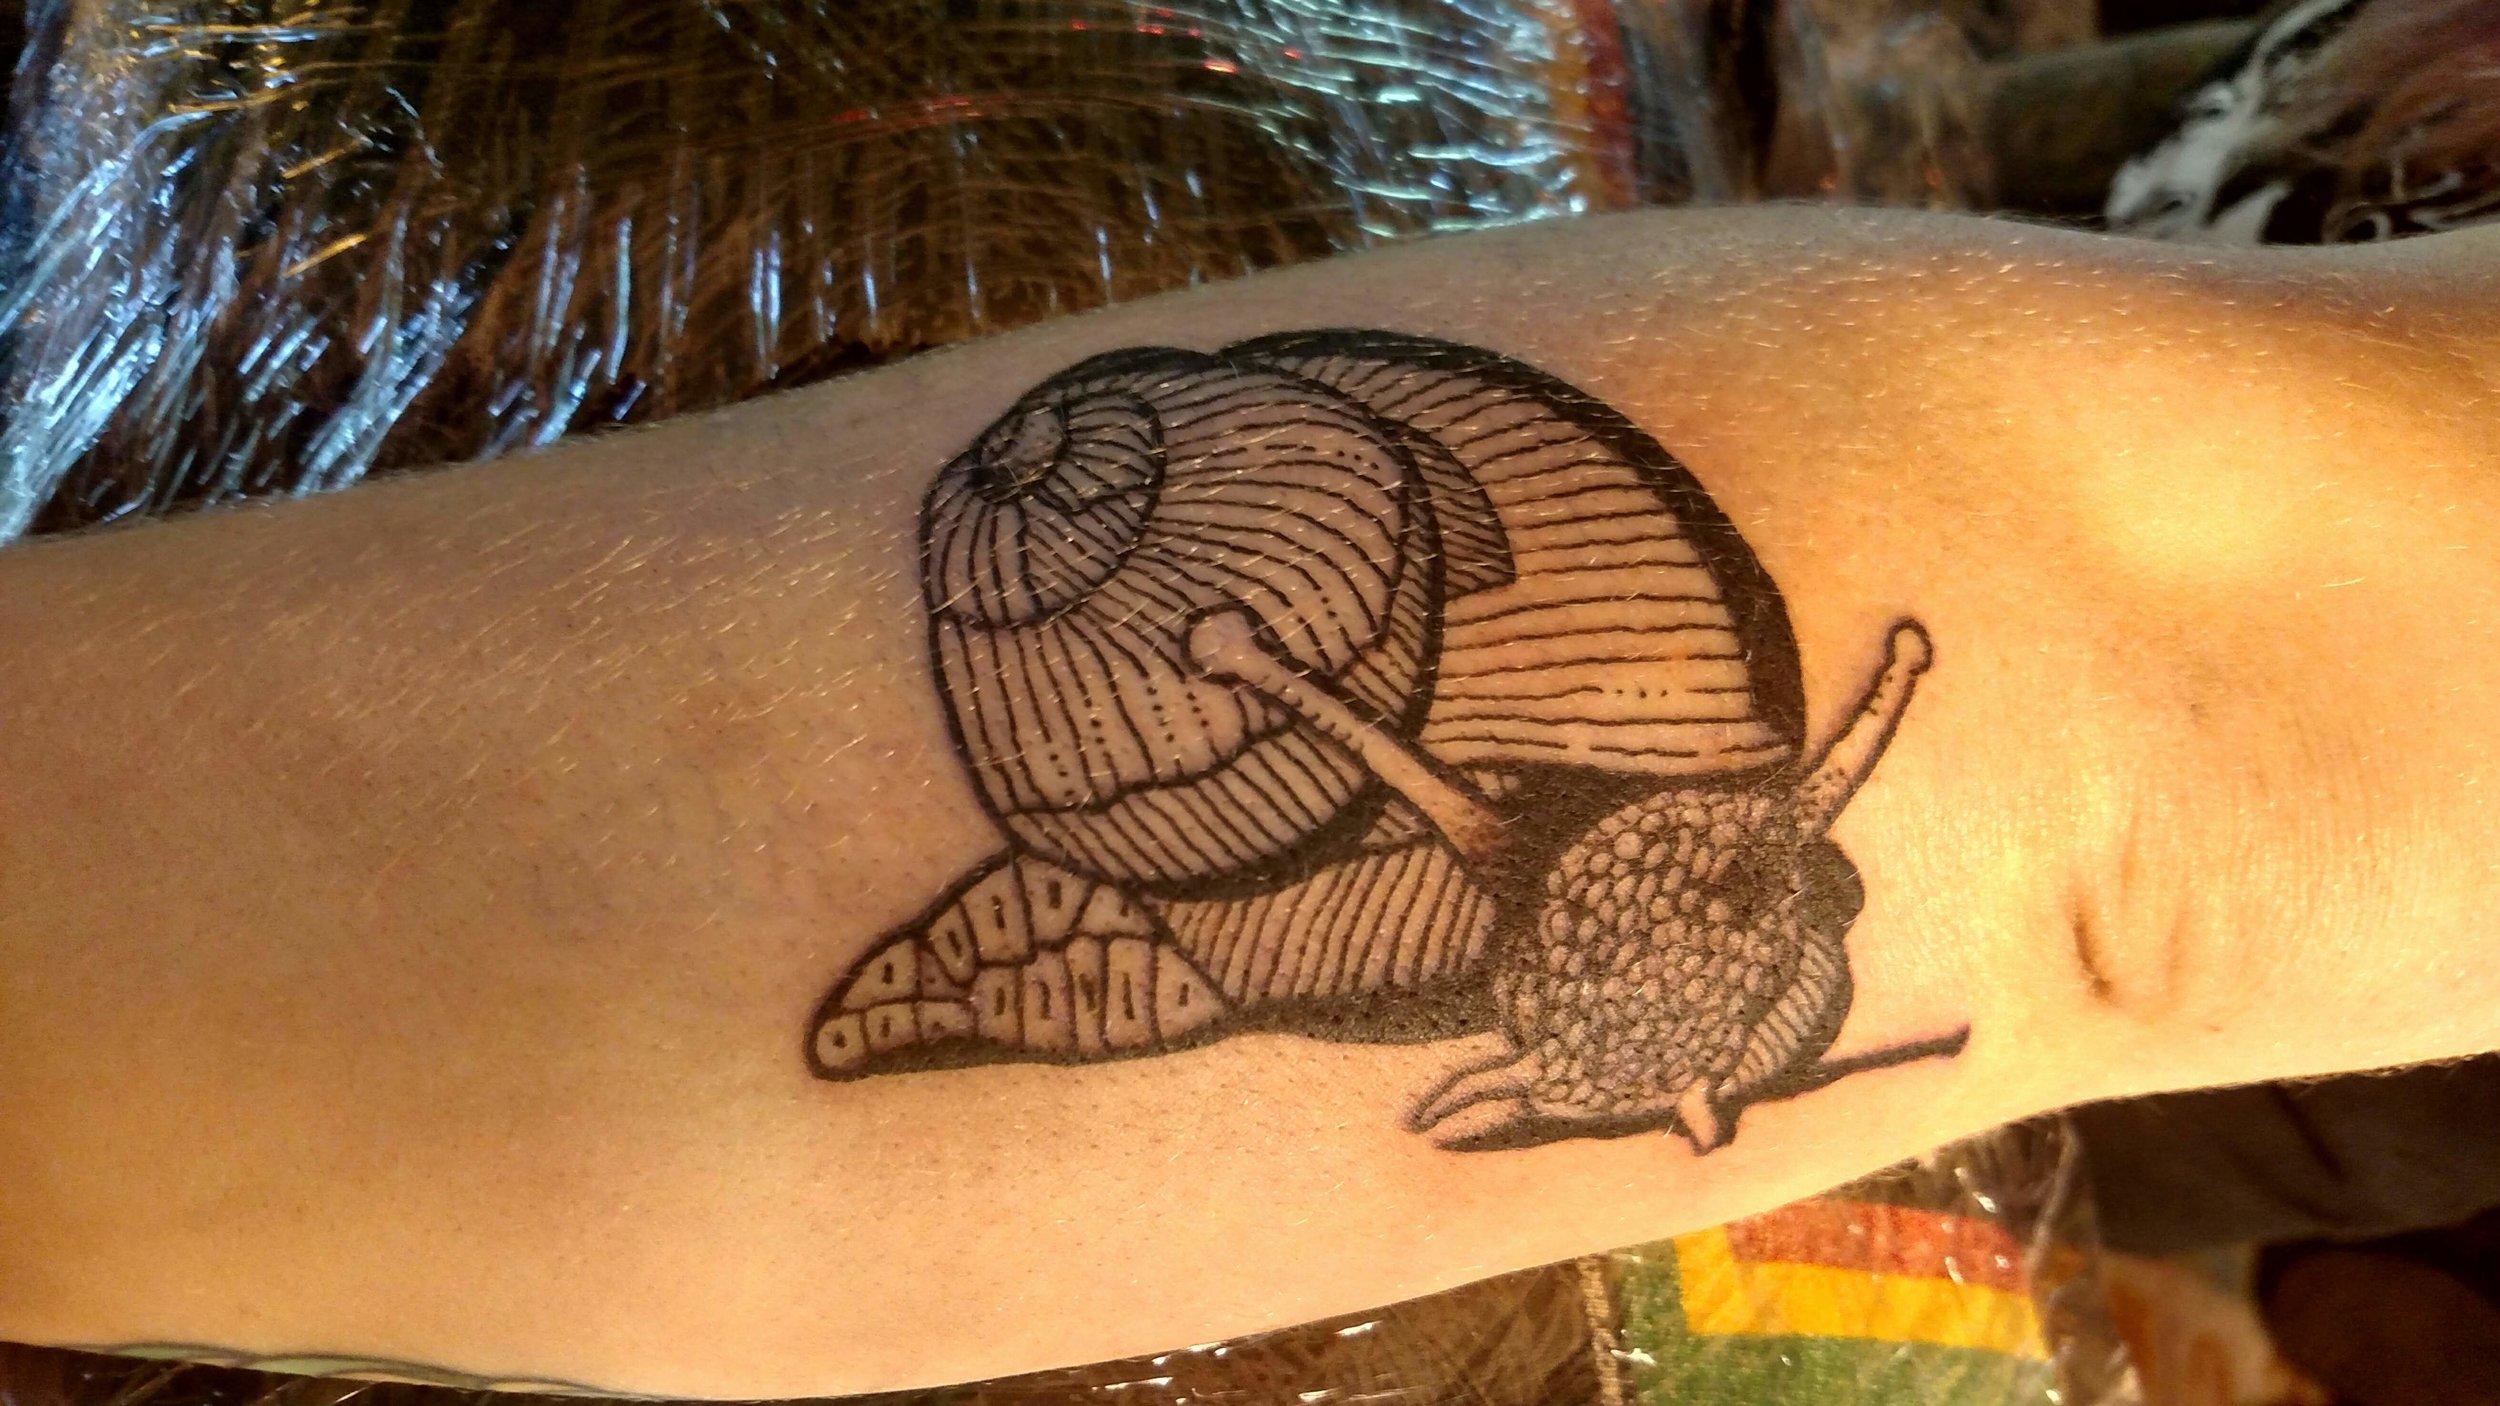 limpio tattoo_05.jpg